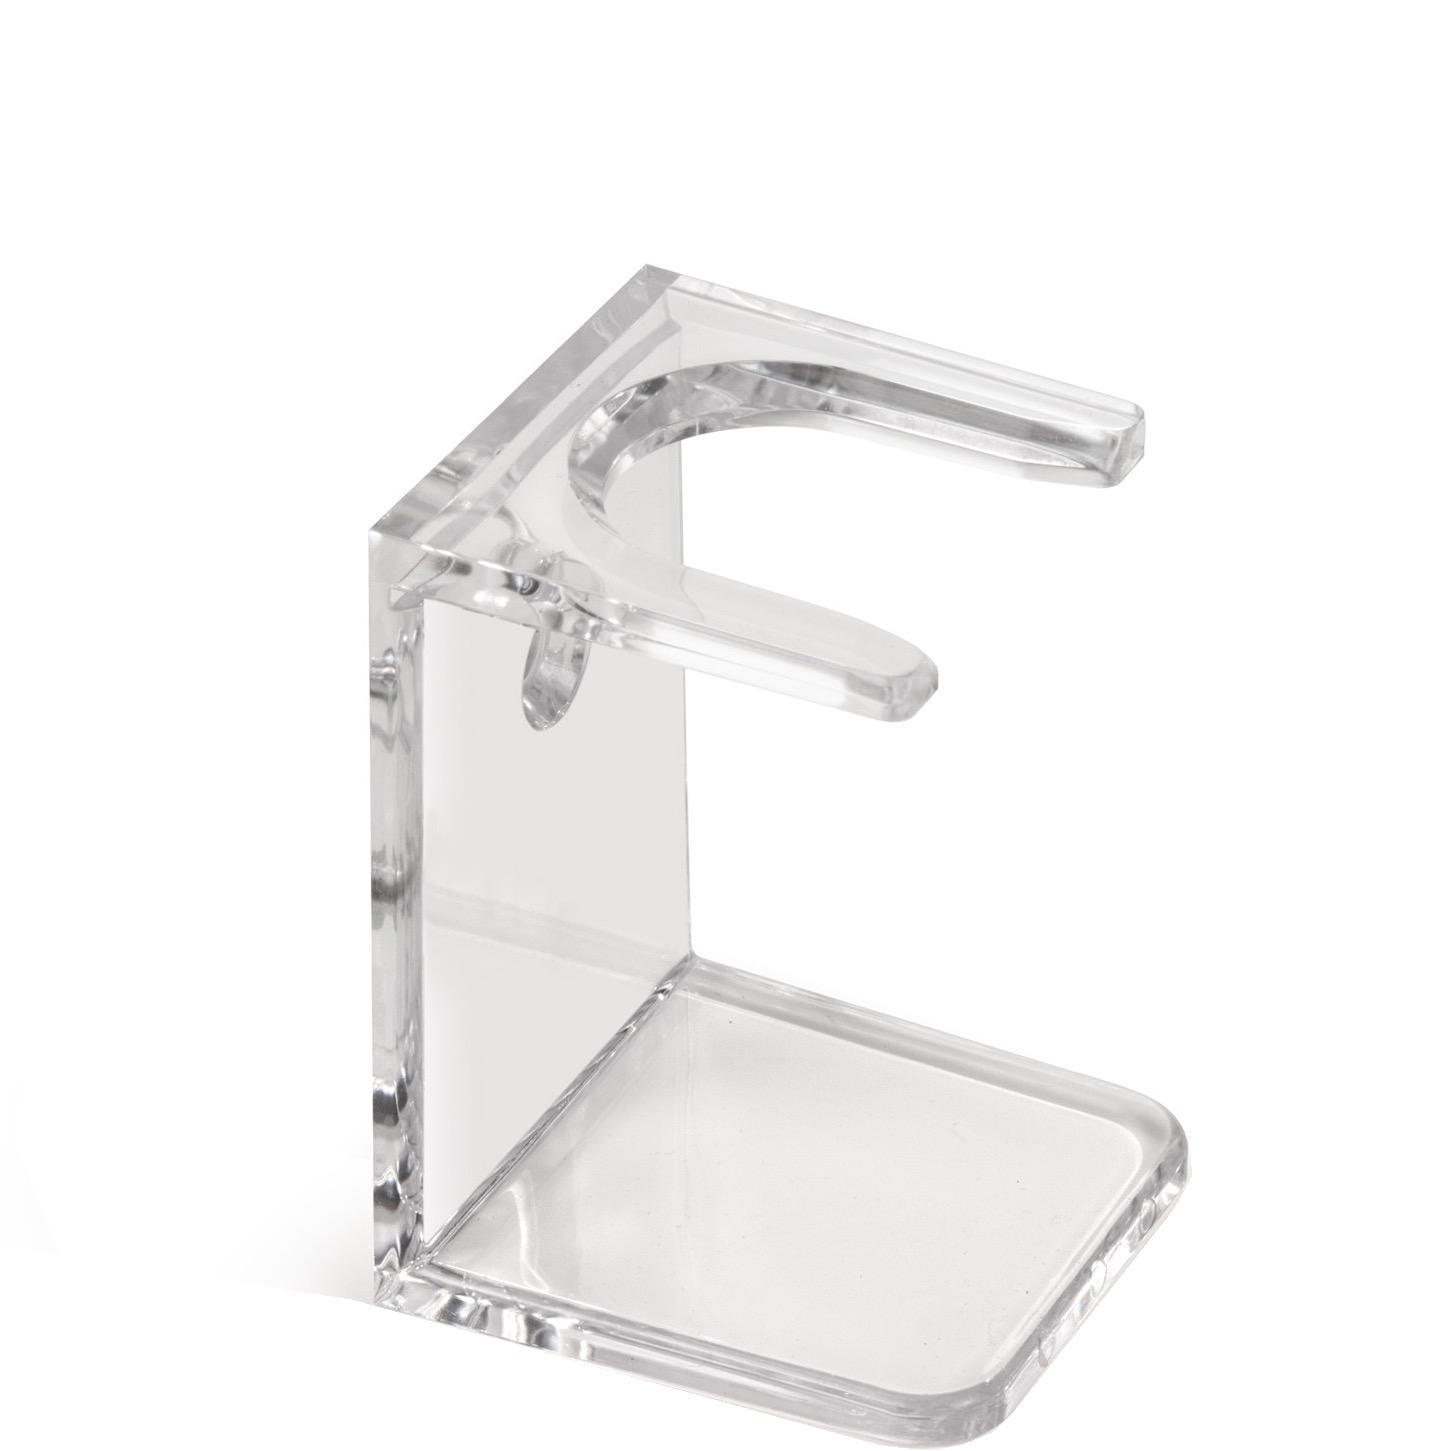 Basic Houder voor scheerkwast - transparant